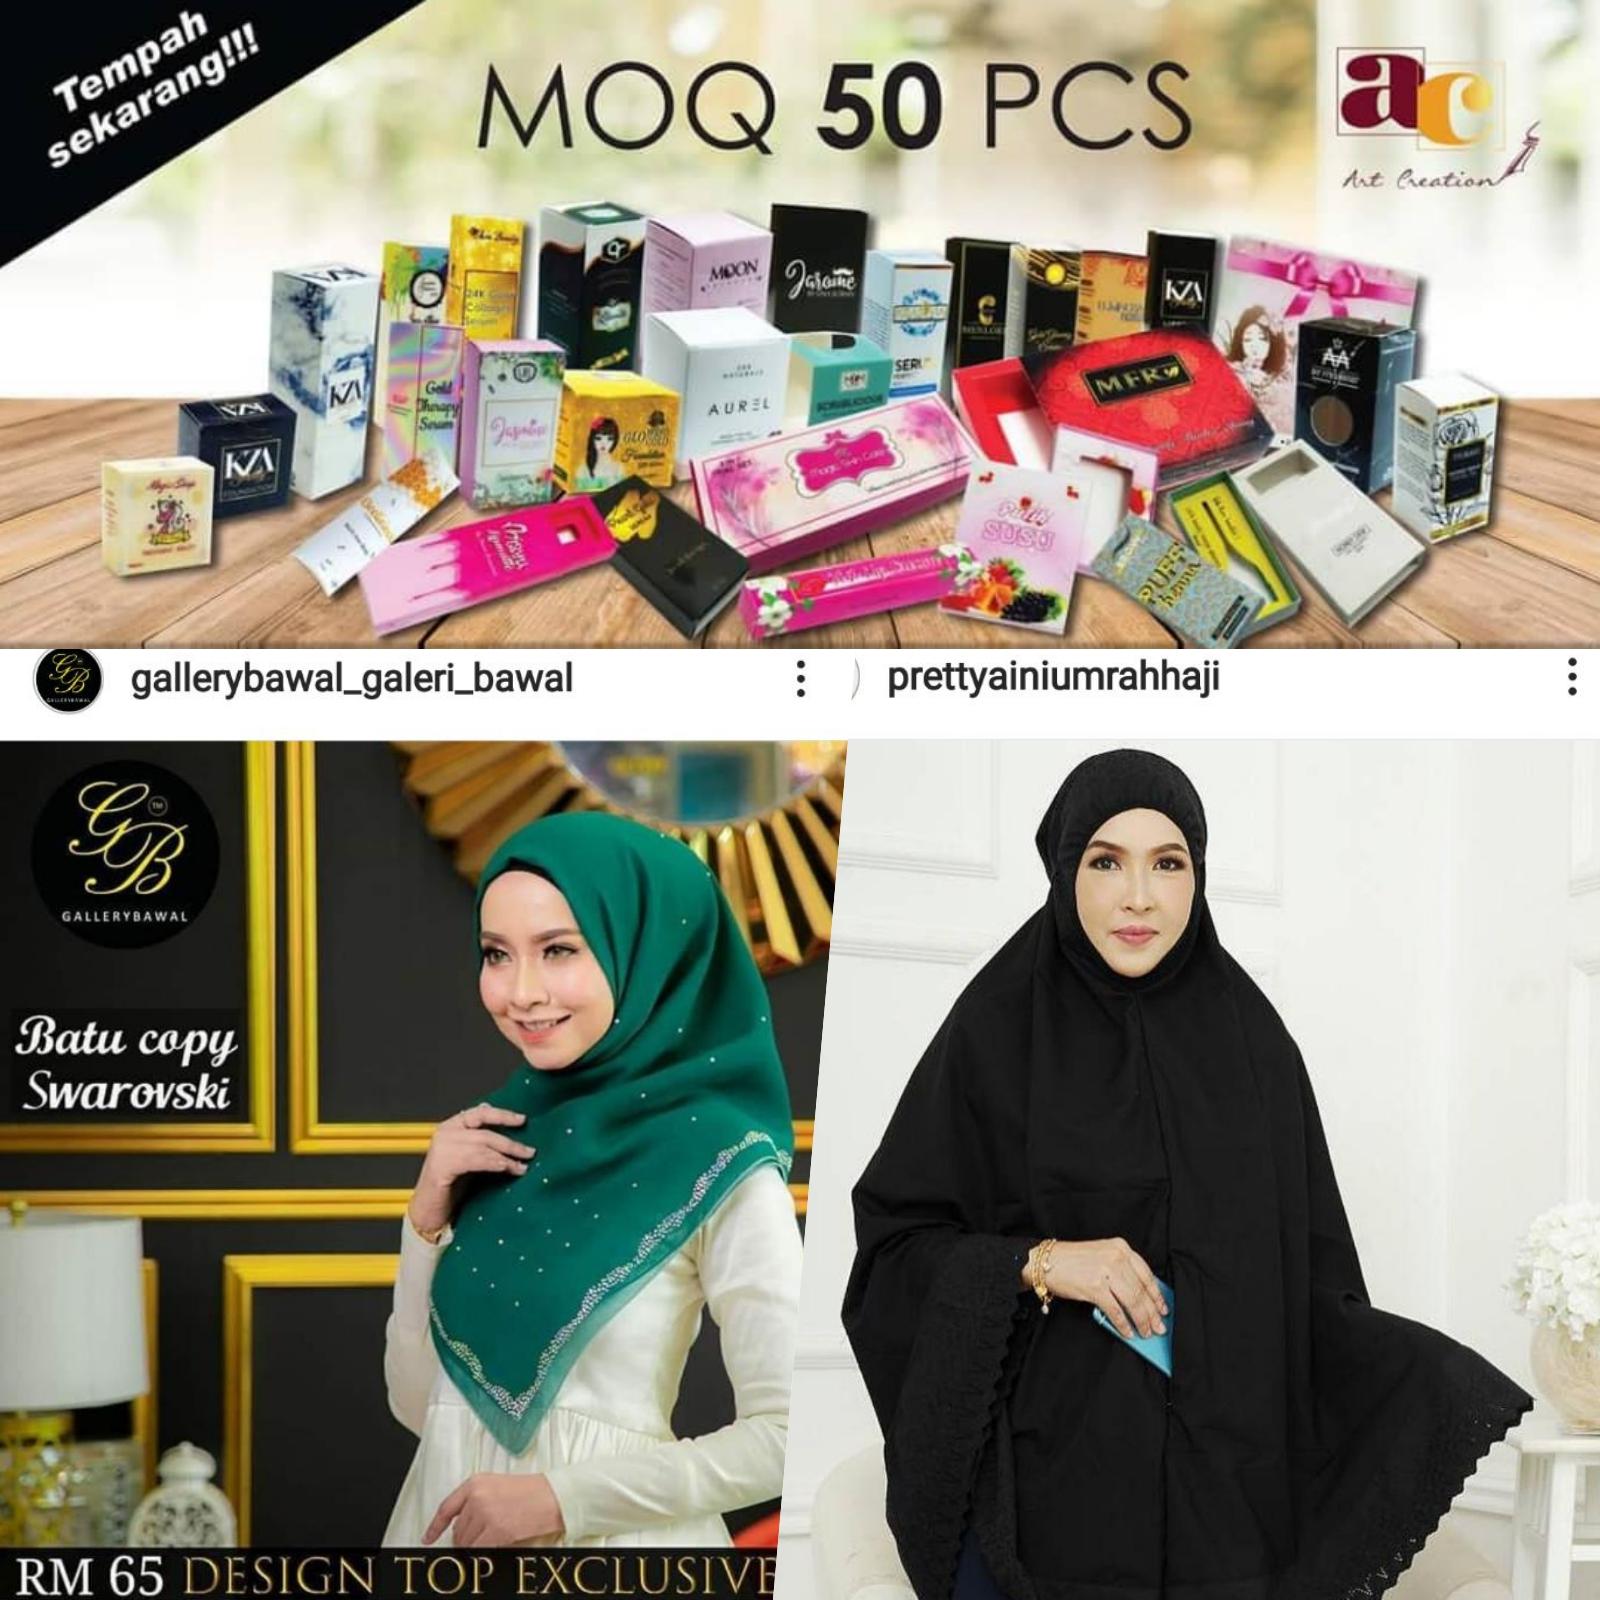 Jamumall, Majlis Kahwin Siti Jamumall, Malaysia Wedding, Rawlins GLAM, Siti Jamumall, Siti Jamumall Wedding, Siti Suriani, Wedding Photography,